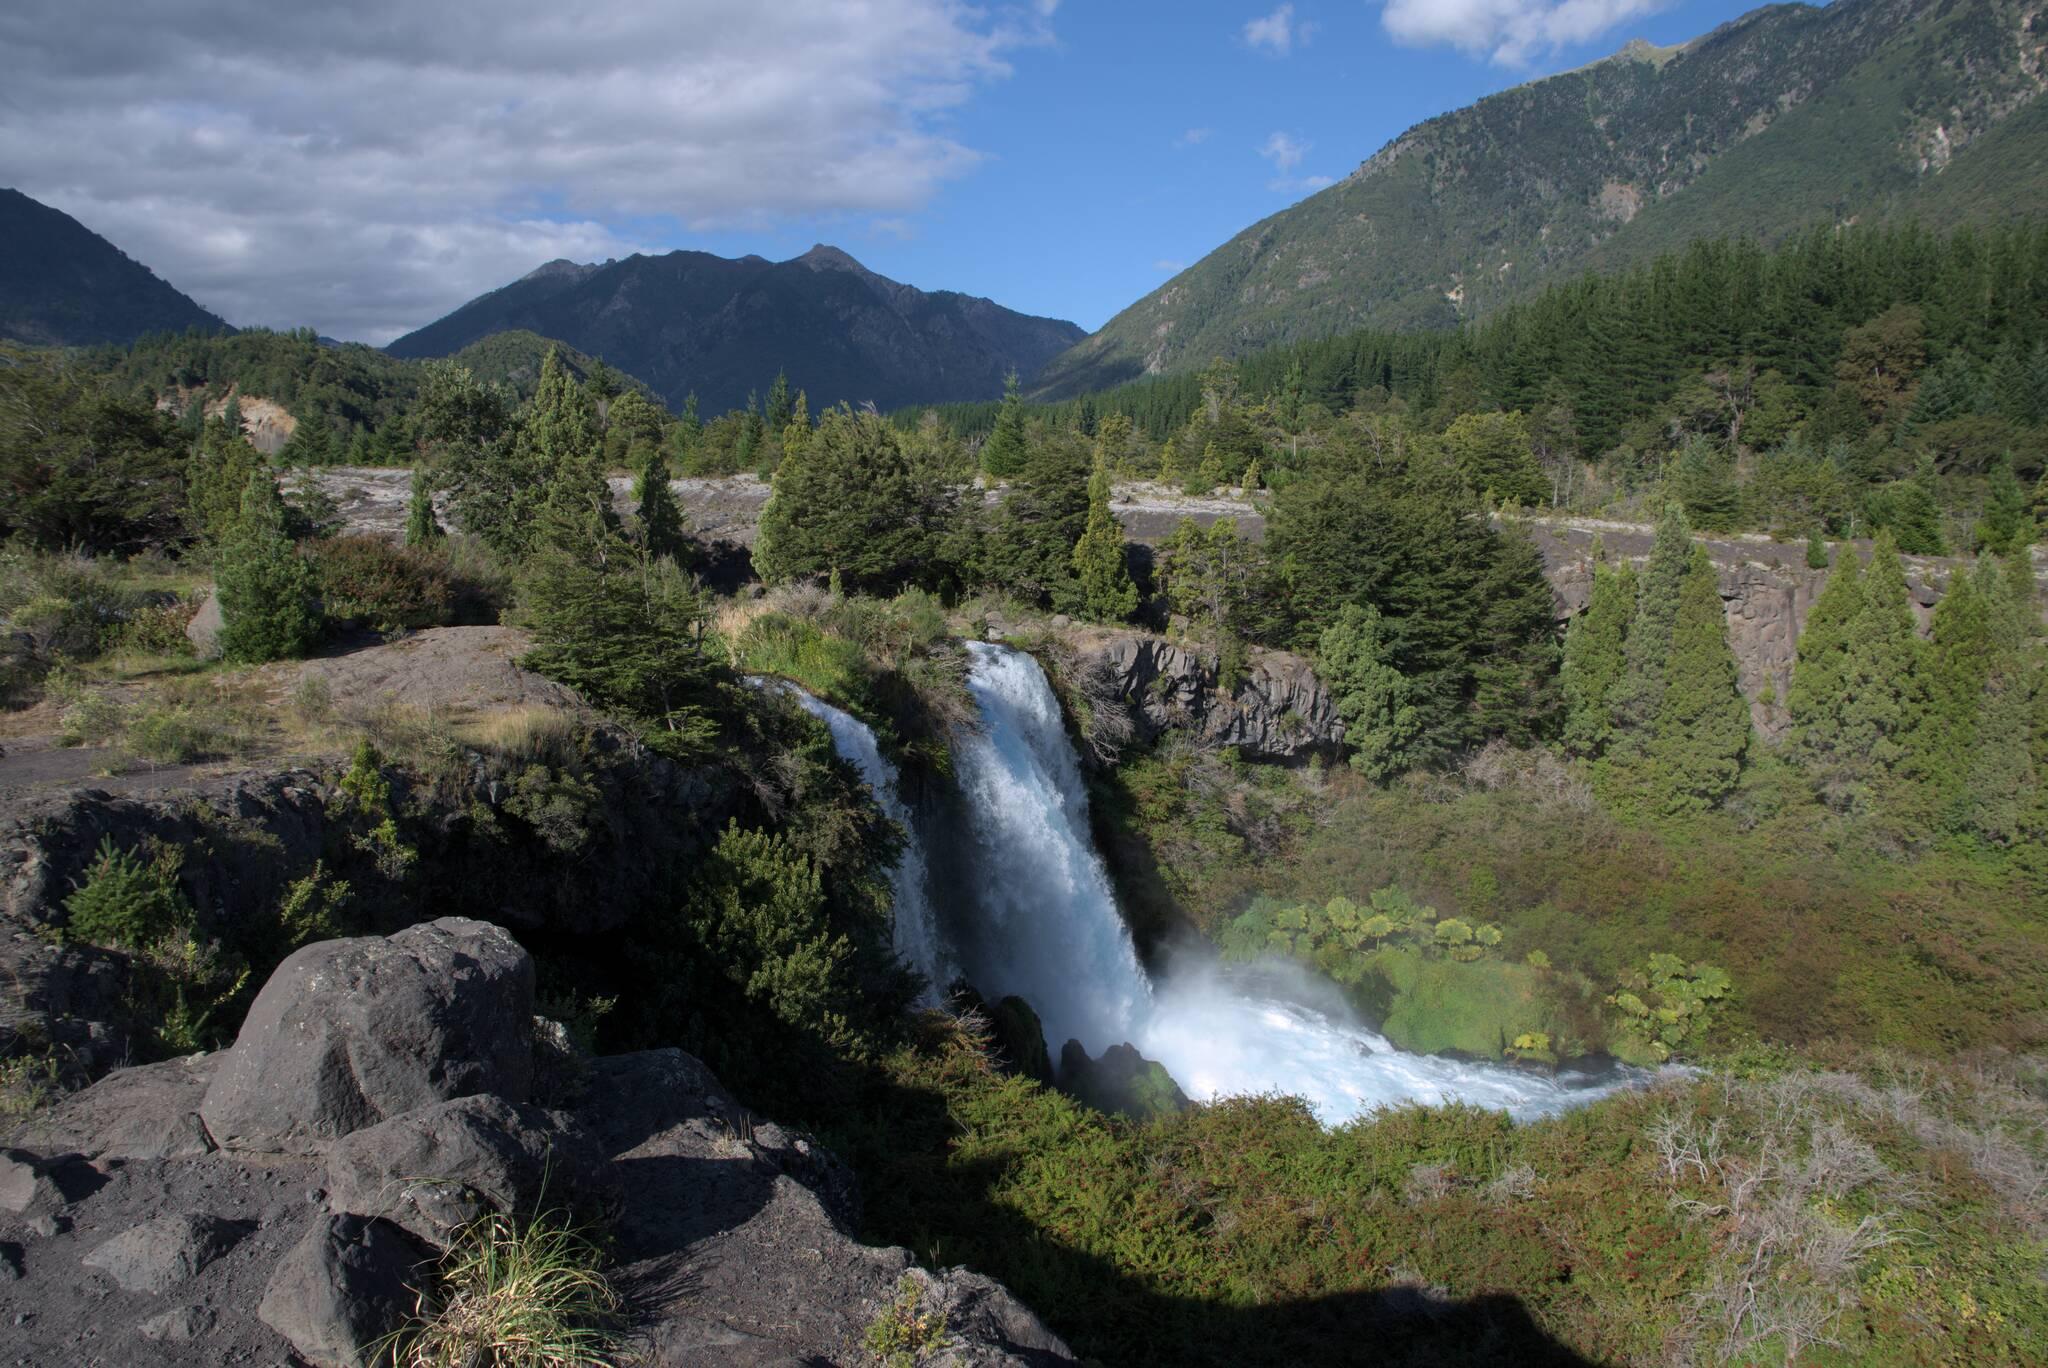 Wodospad Truful Truful